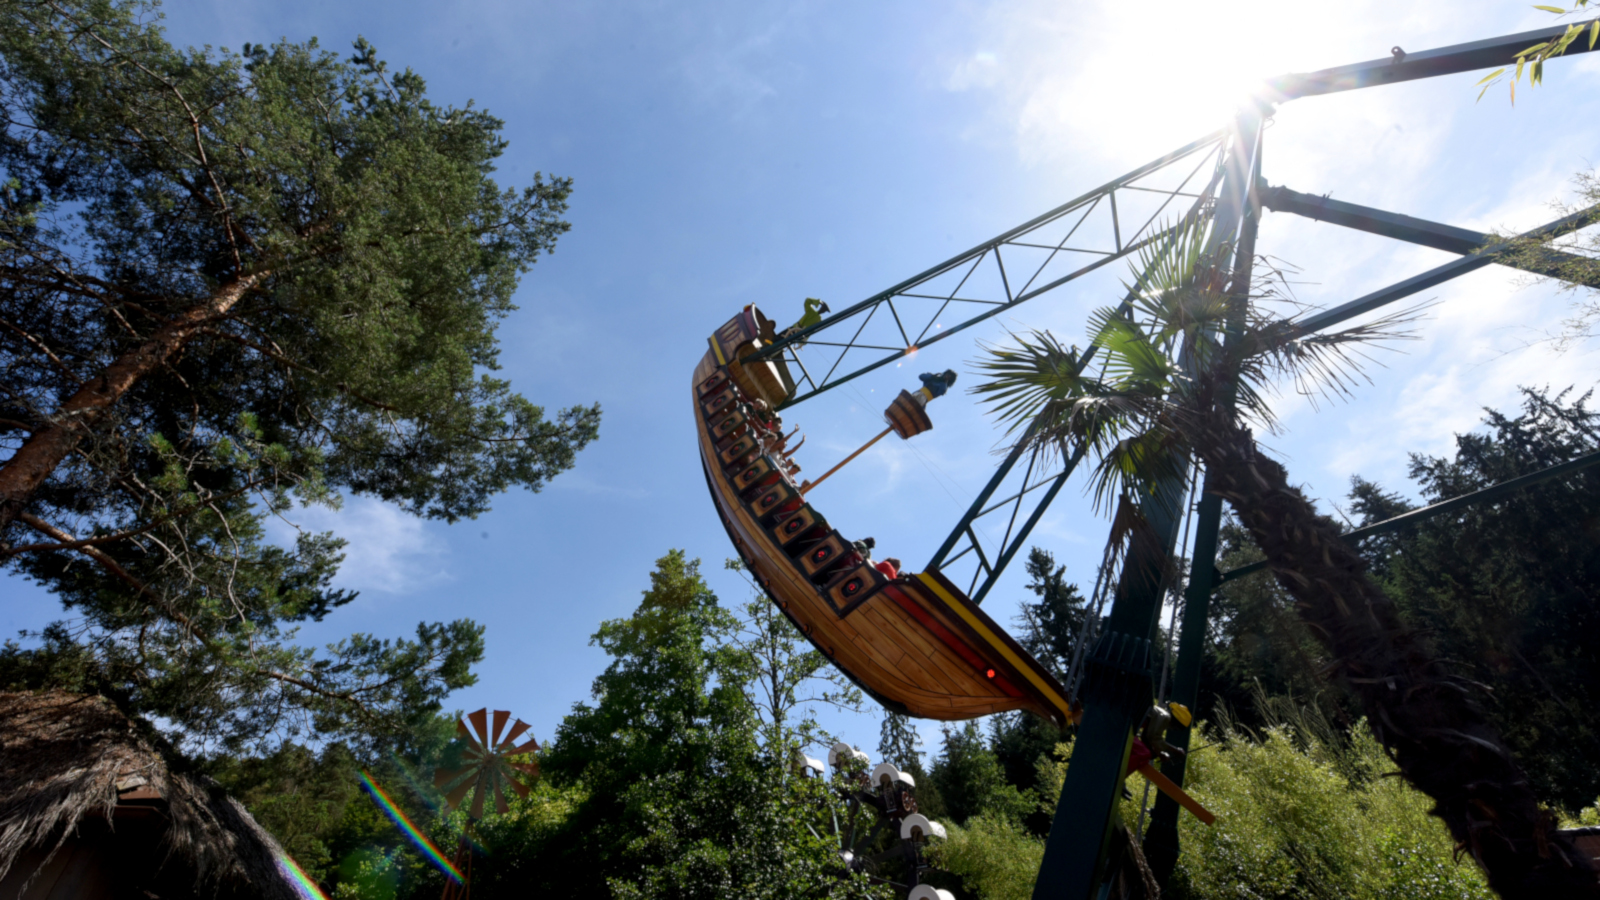 Le parc annonce un chiffre d'affaire d'environ 6 millions d'euros en 2018.